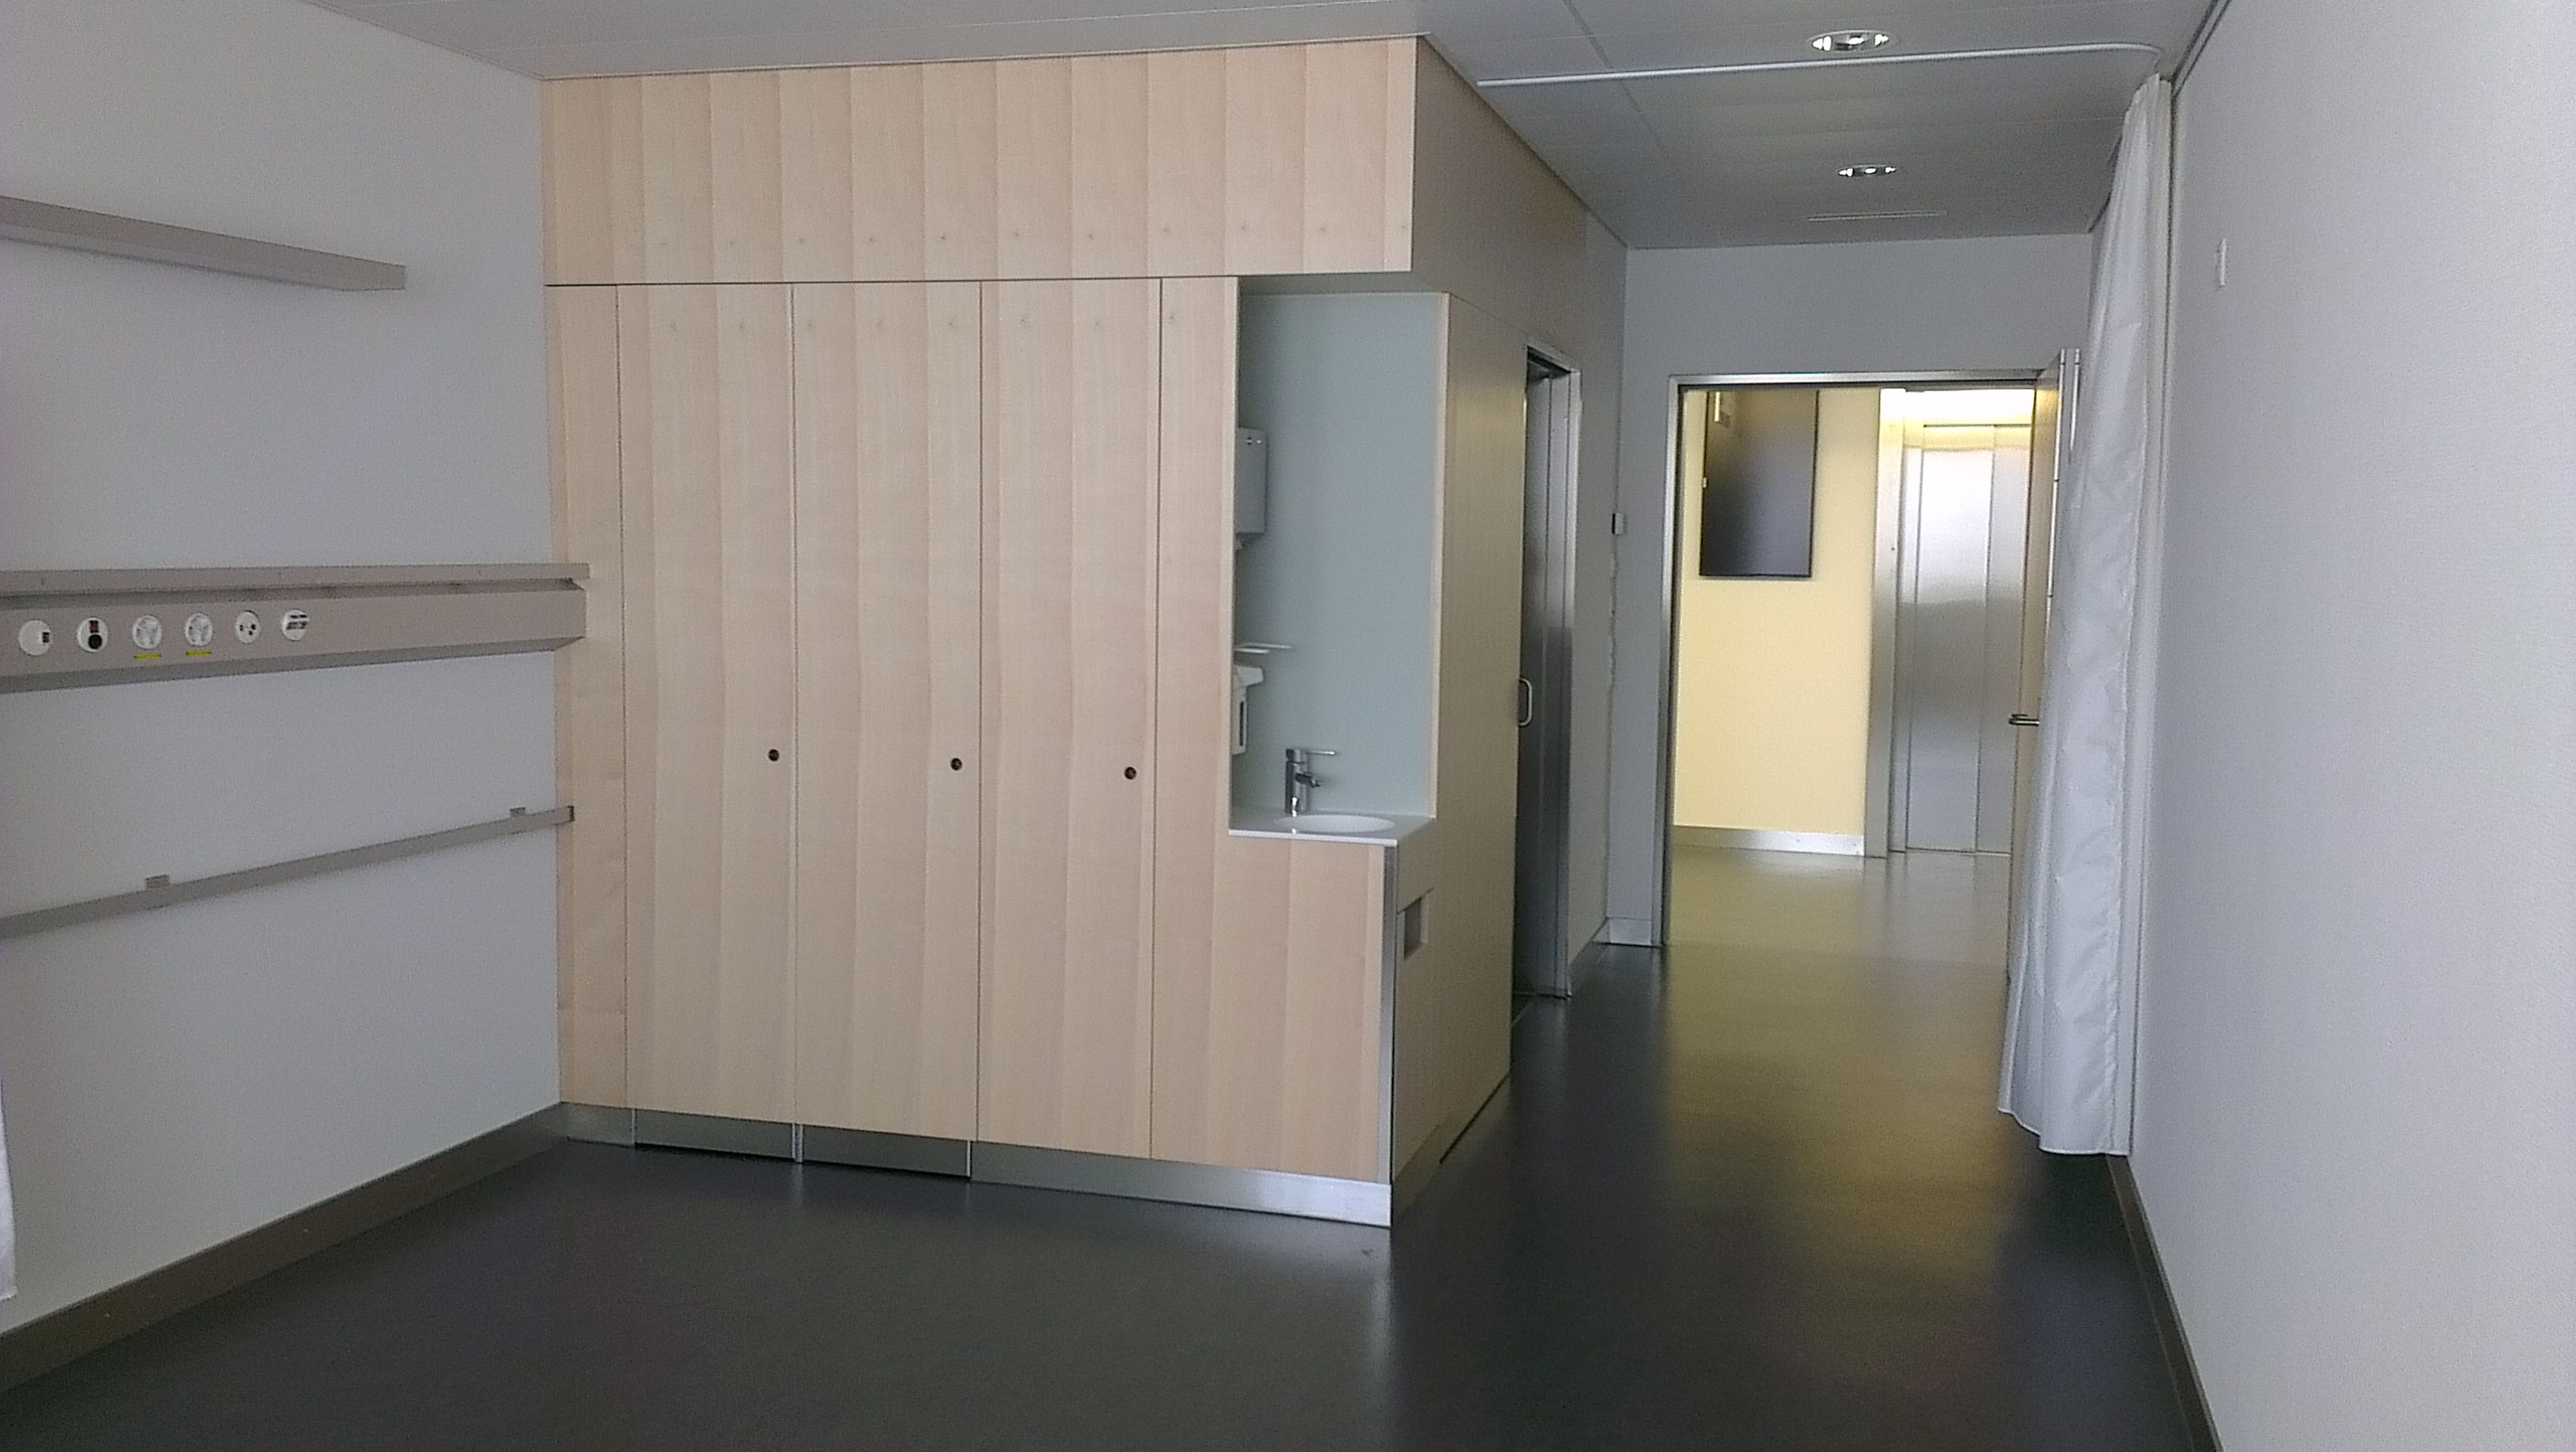 Innenausbau Baselland Alte Landstrasse 1, 4492 Tecknau 061 851 10 38 061 853 98 88 info@hinze-schreinerei.ch http://www.hinze-schreinerei.ch/dienstleistungen/innenausbau